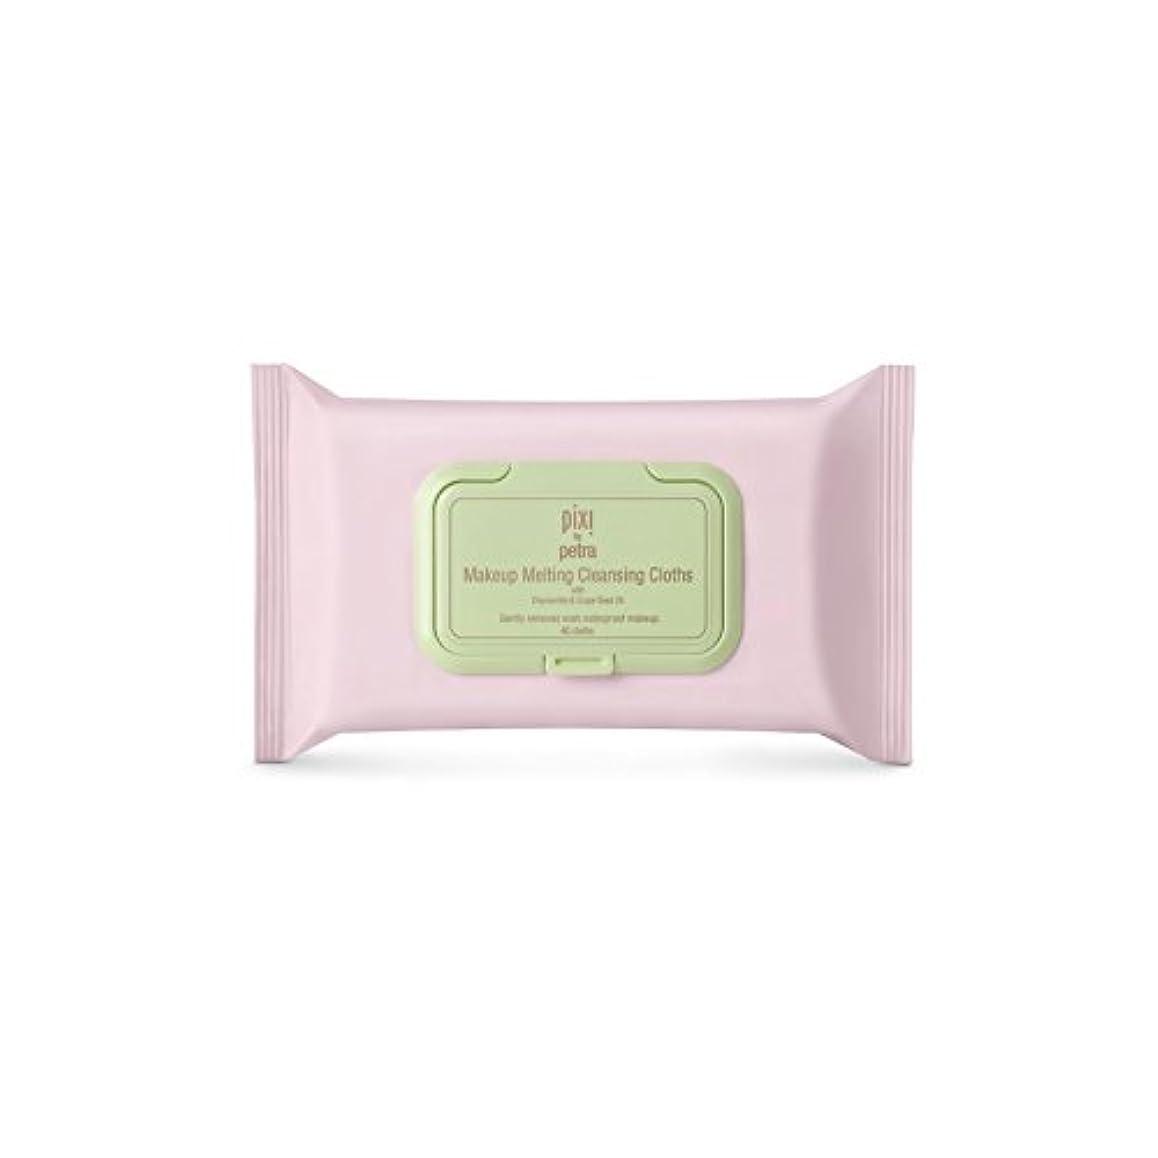 アスレチック薄汚い既婚Pixi Makeup Melting Cleansing Cloths (Pack of 6) - 化粧溶融クレンジングクロス x6 [並行輸入品]